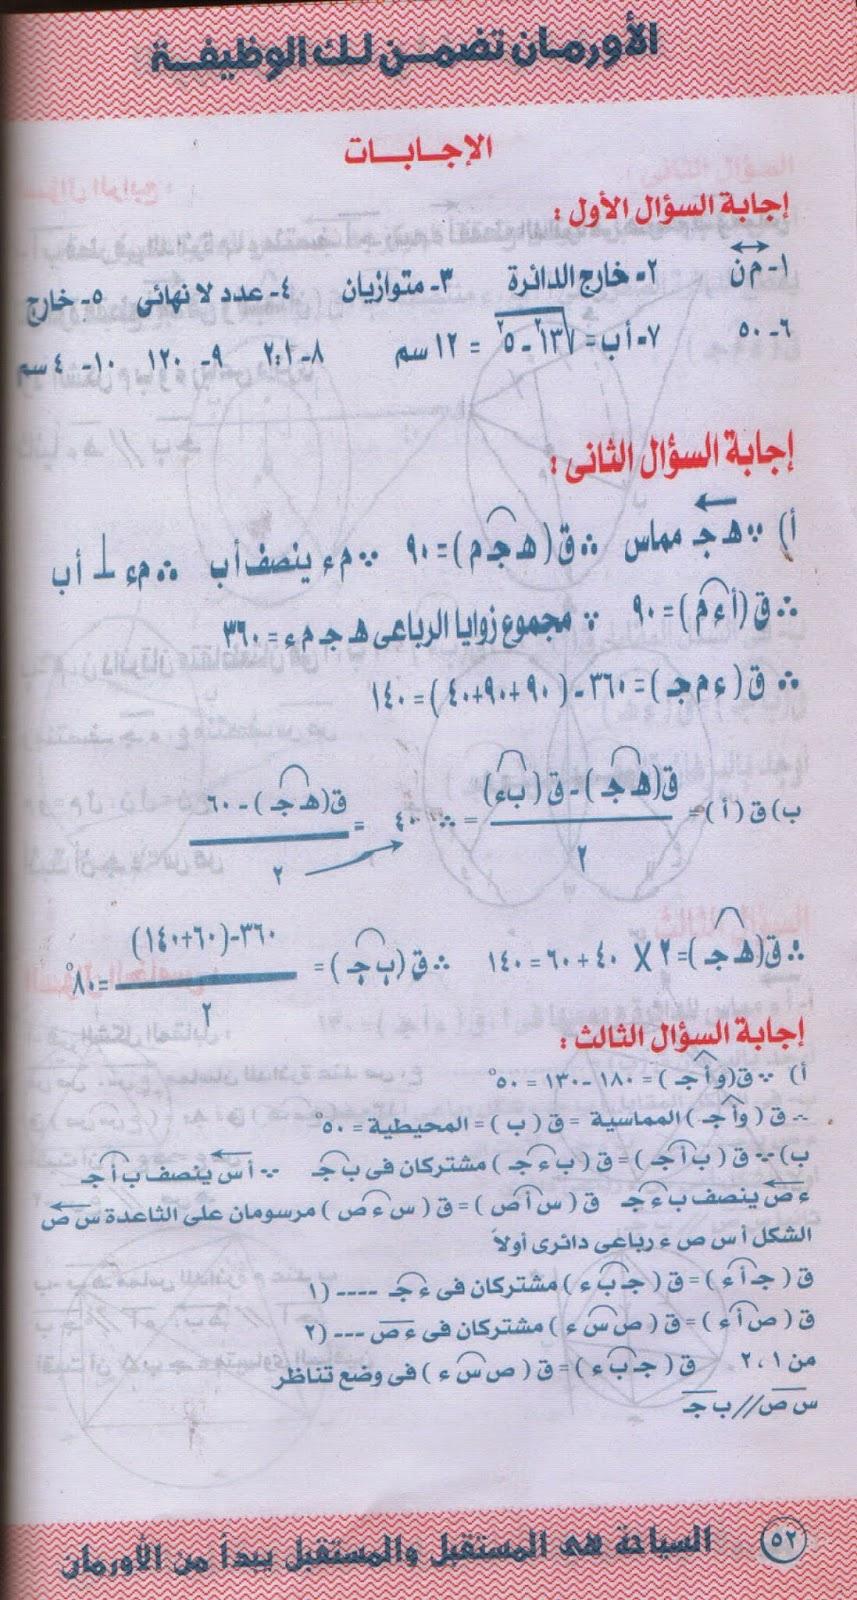 مراجعة  رياضيات ترم 2 الثالث الإعدادى 4.jpg